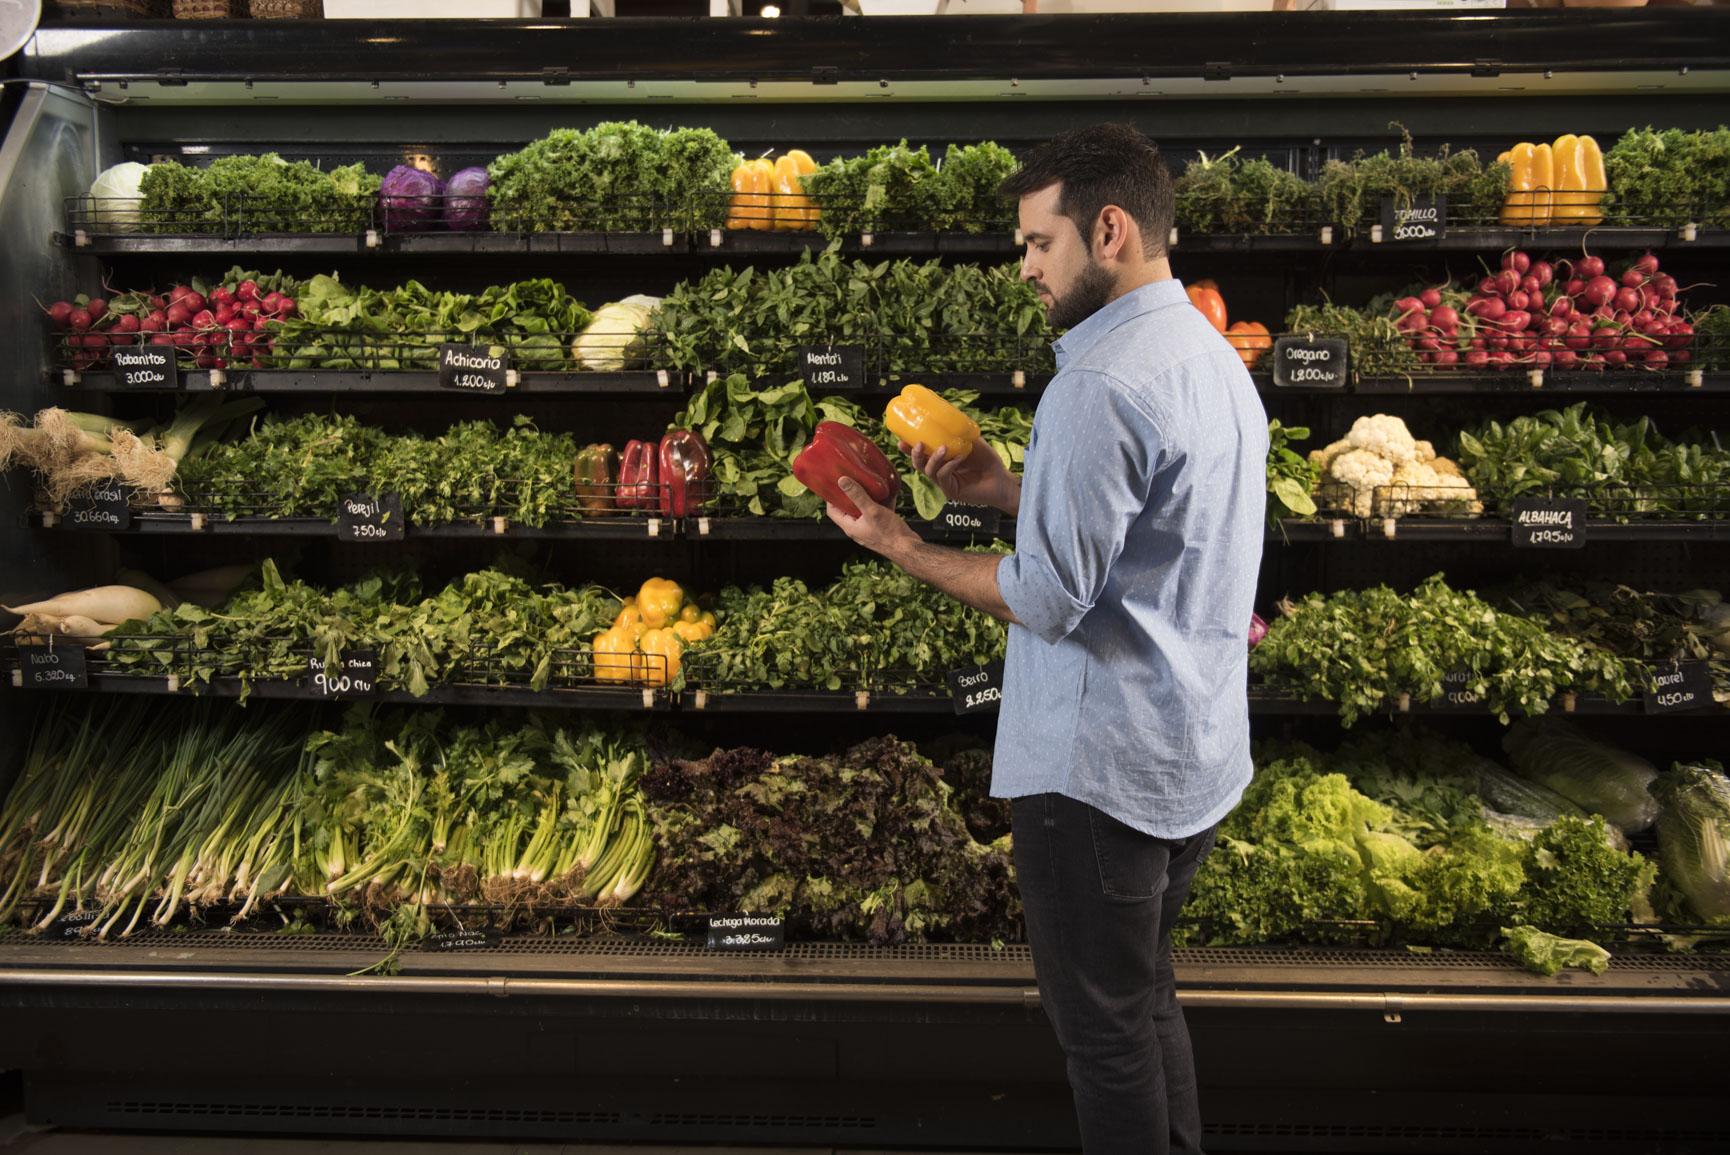 Oscar Pintos compras supermercado